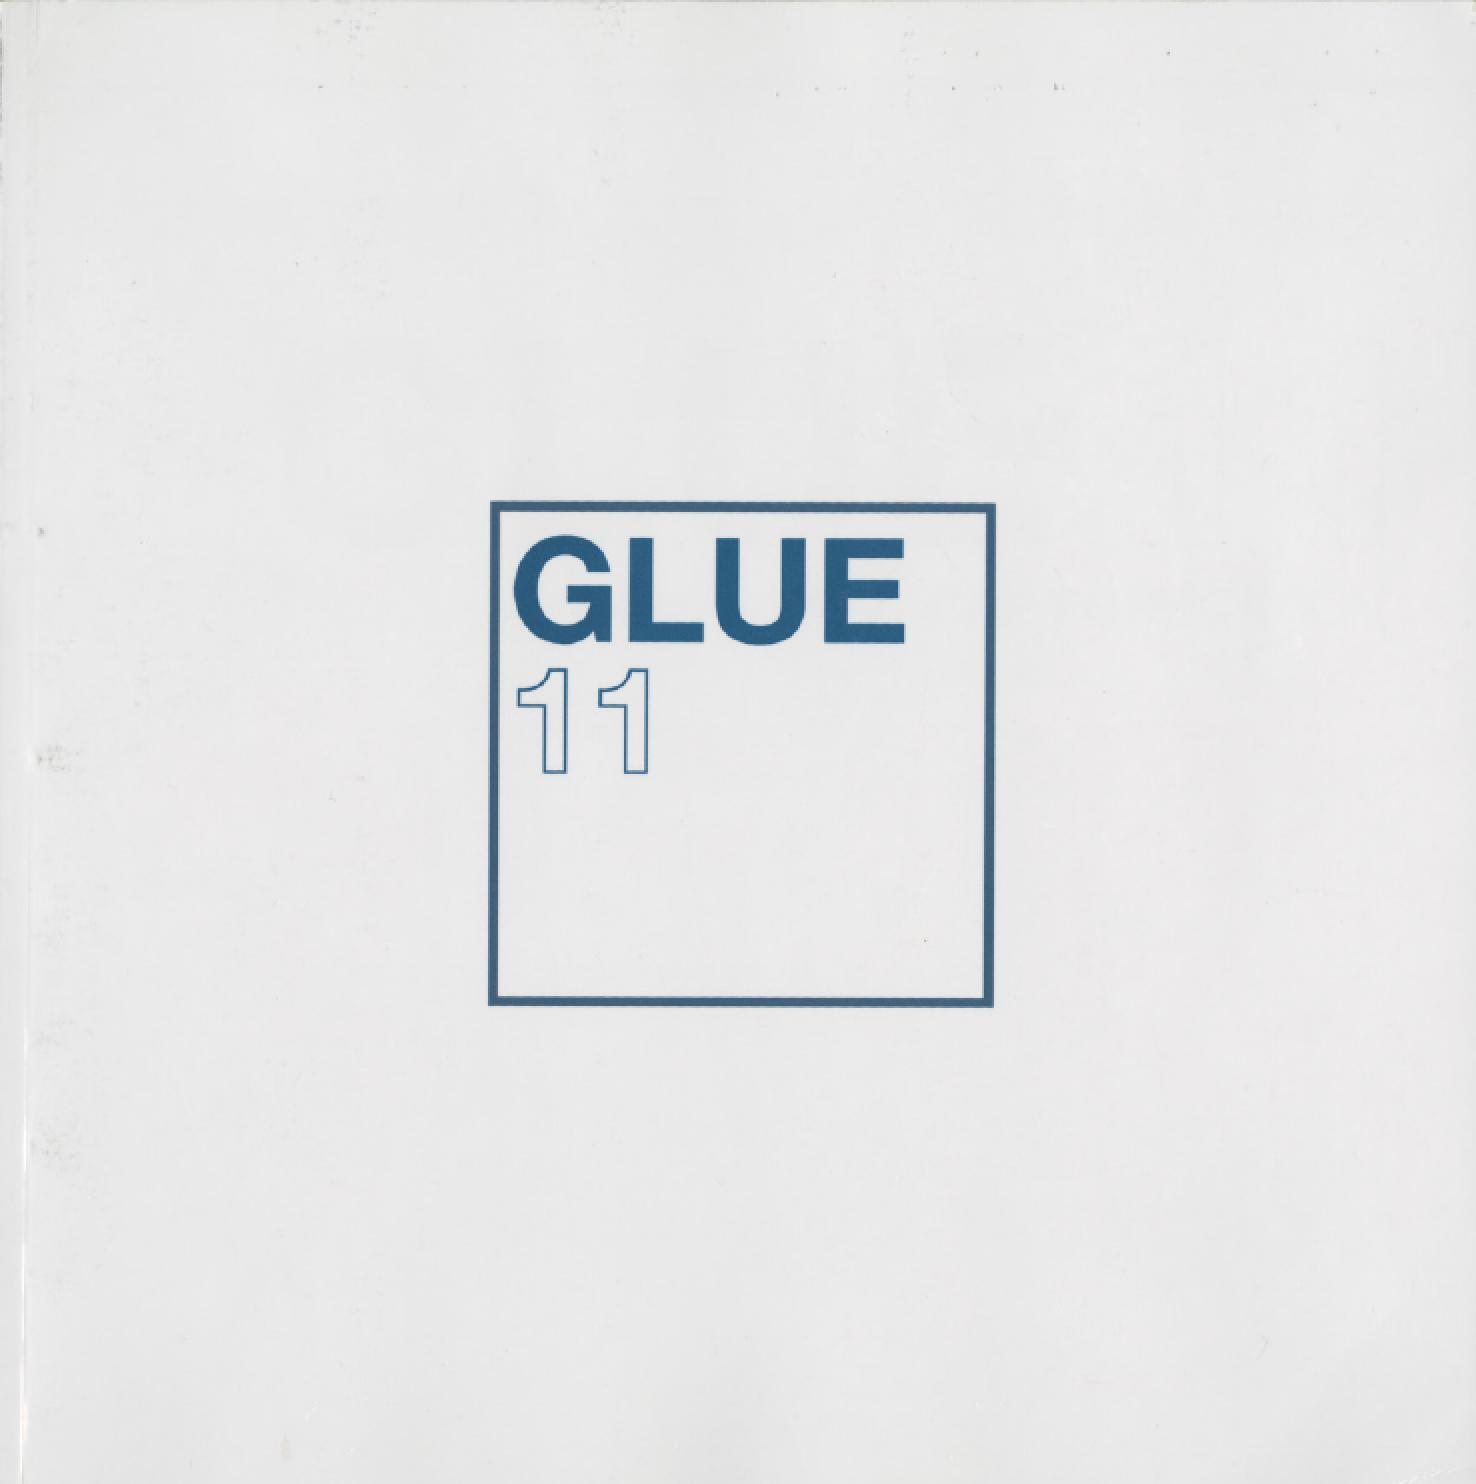 GLUE 11